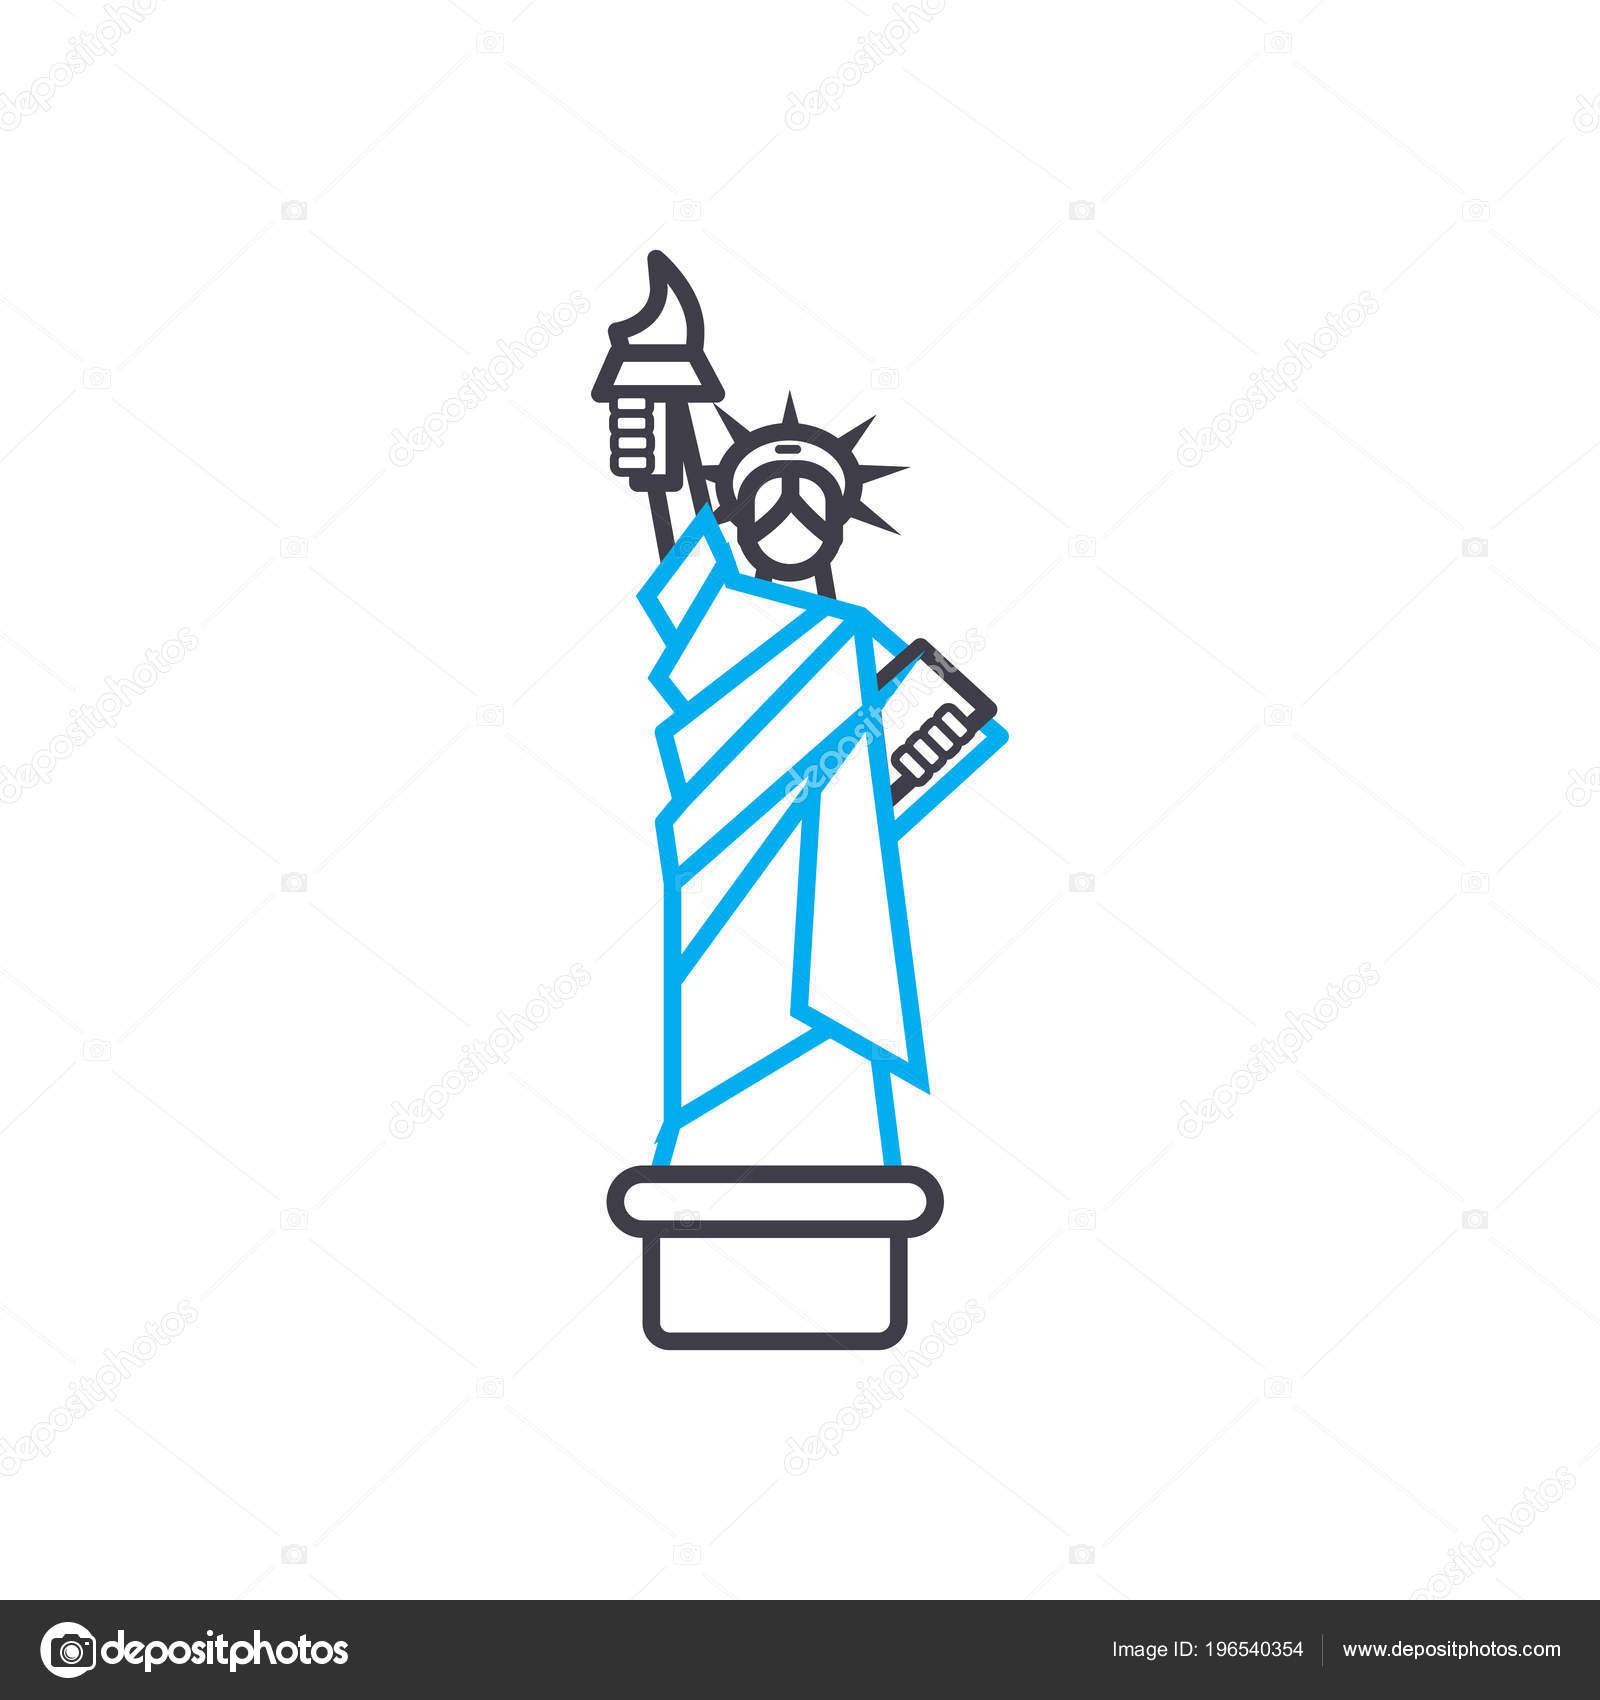 Vaak Het standbeeld van vrijheid lineaire pictogram concept. Het &PN42